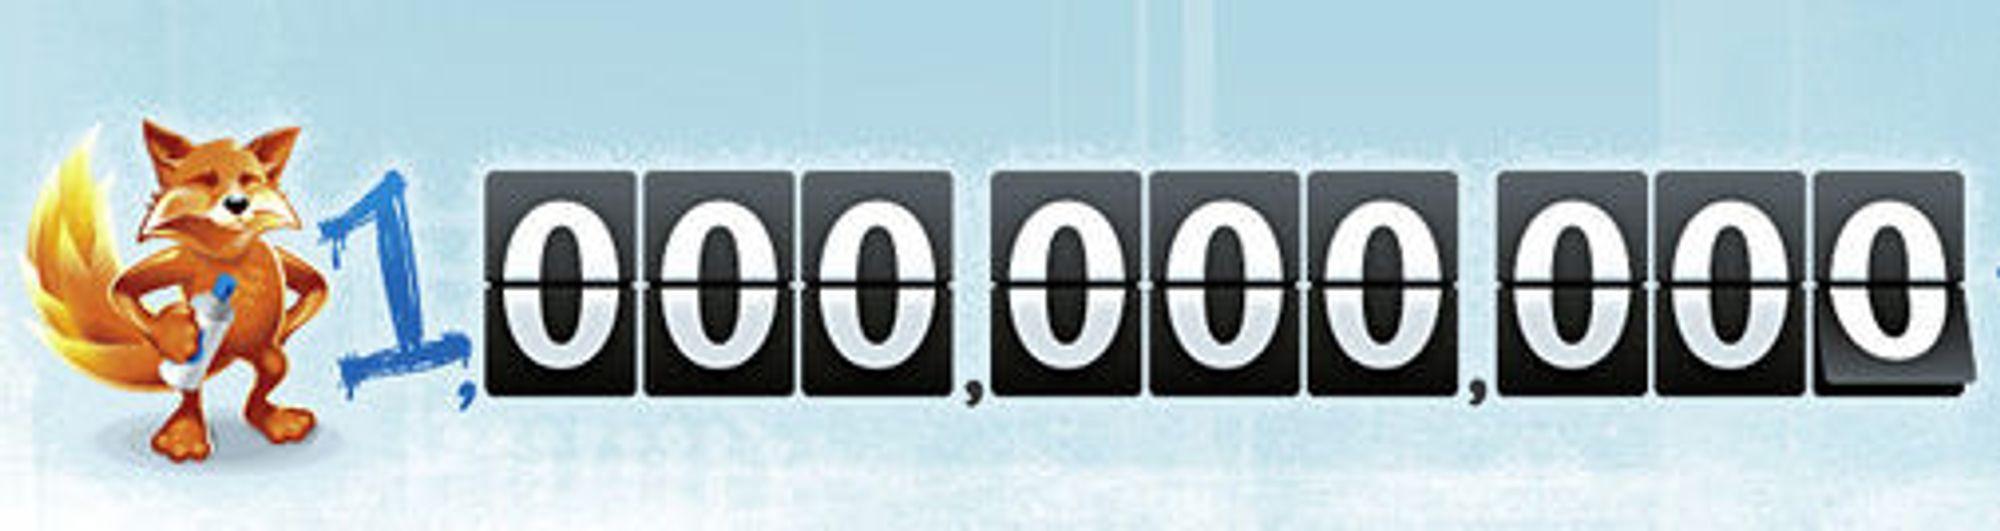 Firefox er lastet ned 1 milliard ganger siden november 2004.